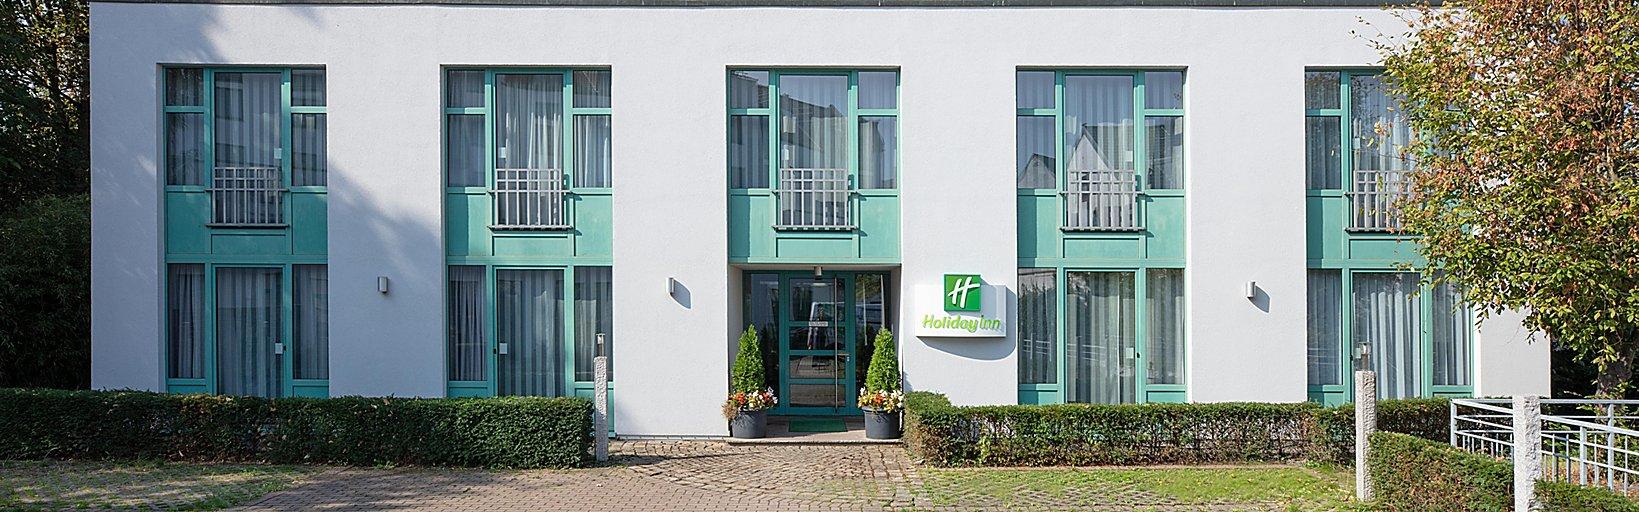 Preise charlottenstraße düsseldorf Puff Düsseldorf